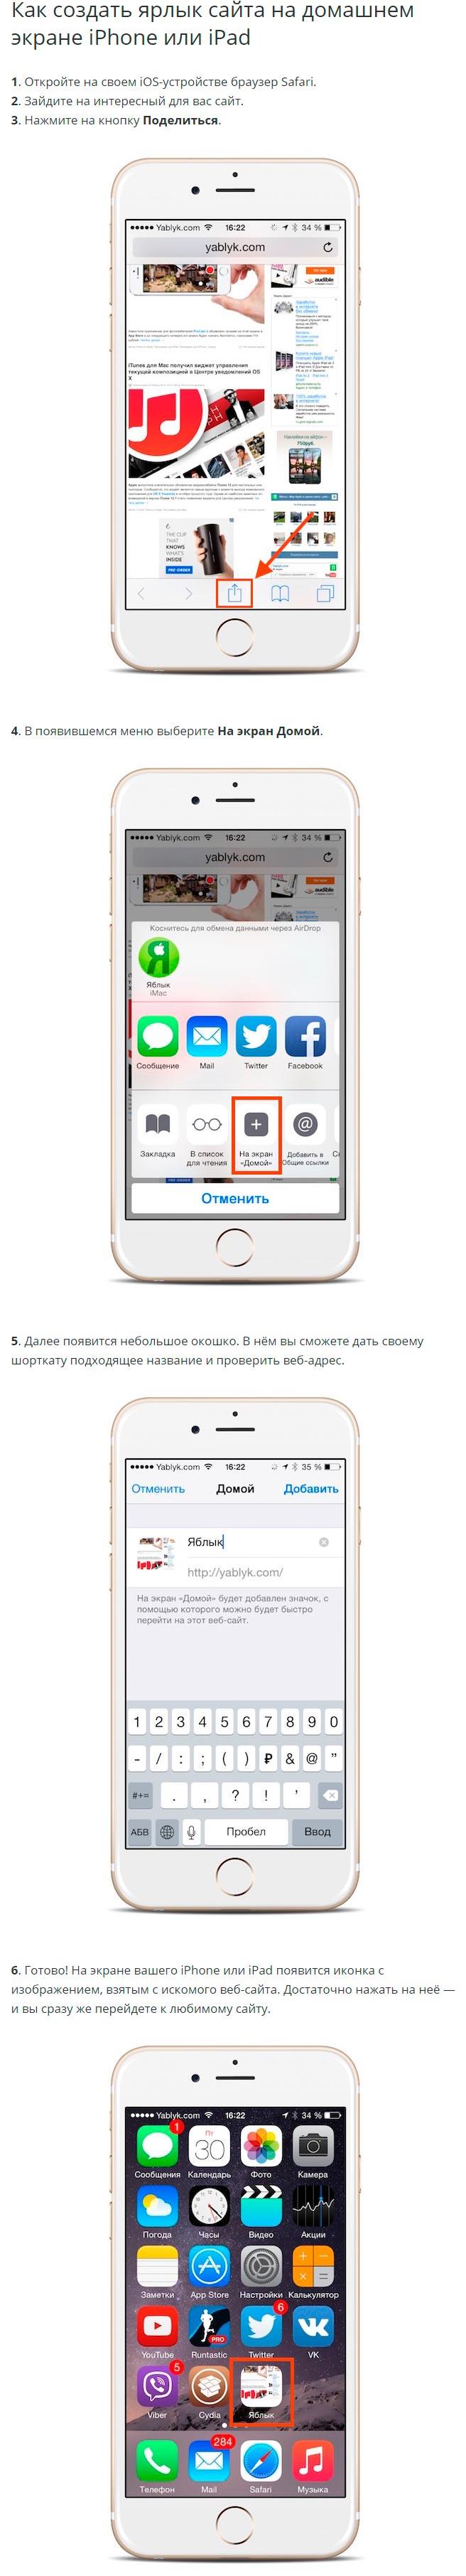 Додавання іконки сайту на головний екран IPhone